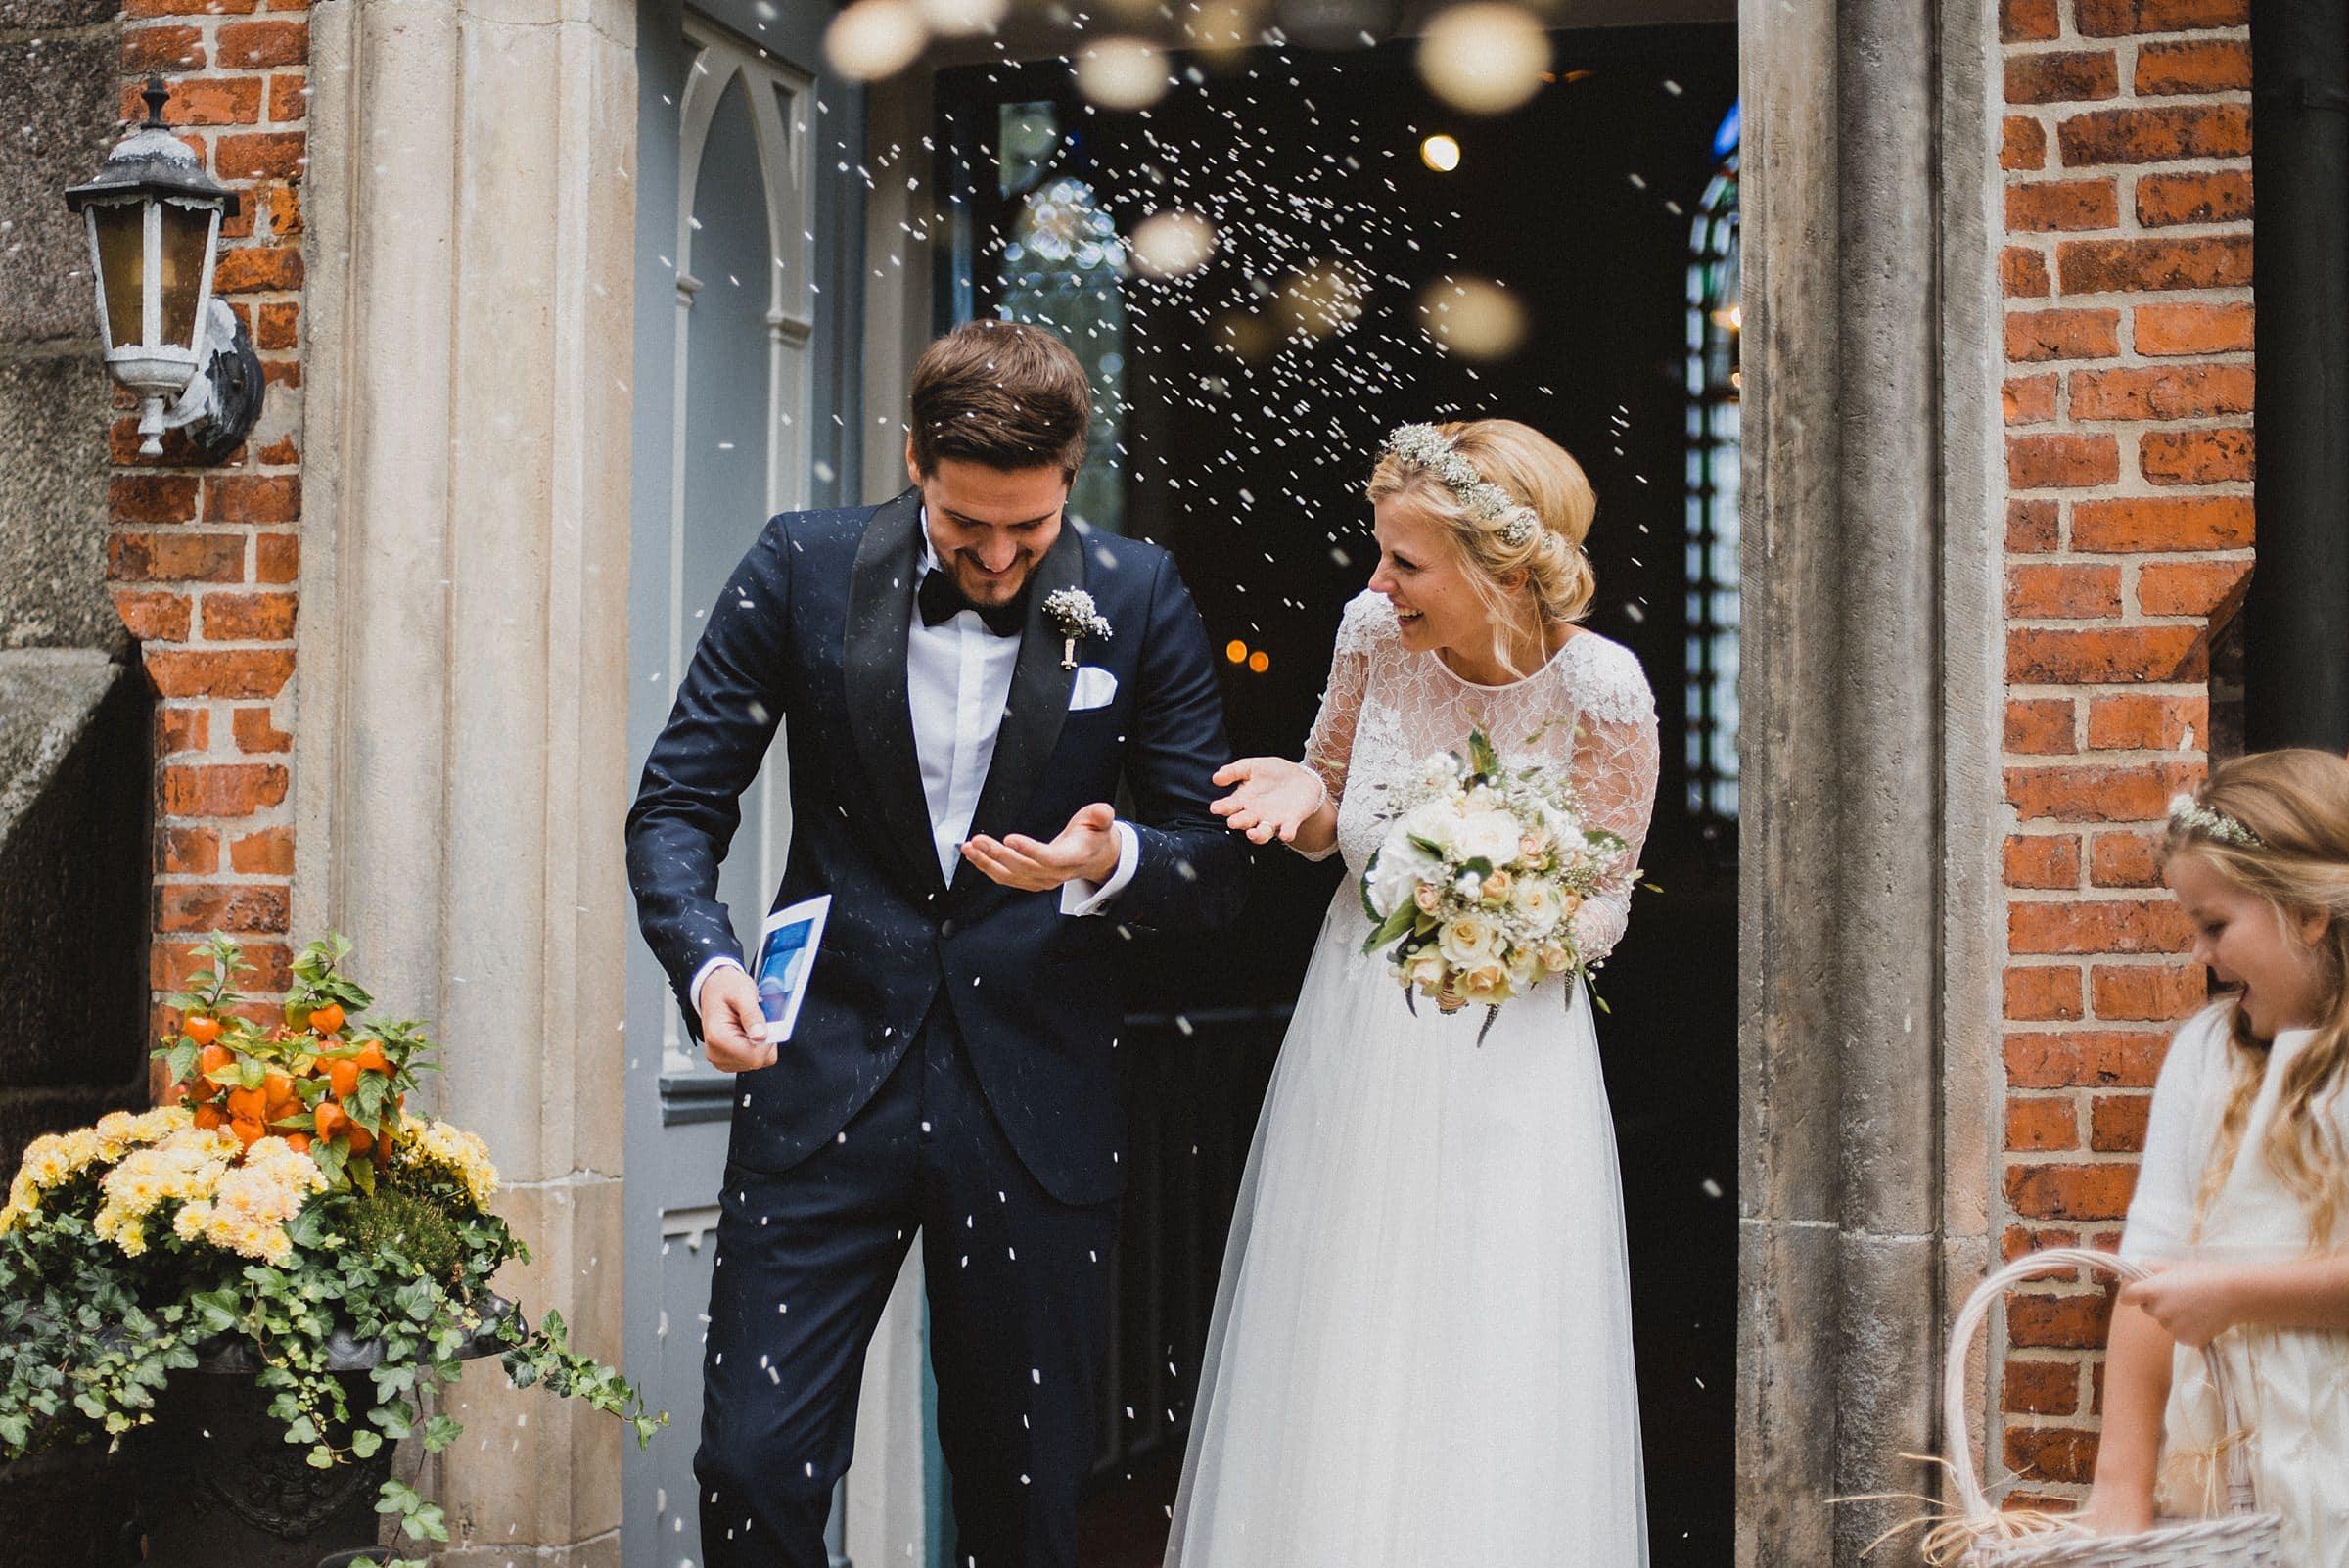 Hochzeitsfotografie Hamburg-Frau-Siemers-Gut Basthorst- Frisch verheiratet marschiert das Brautpaar aus der Kirche. Alle Gäste werfen mit Reis